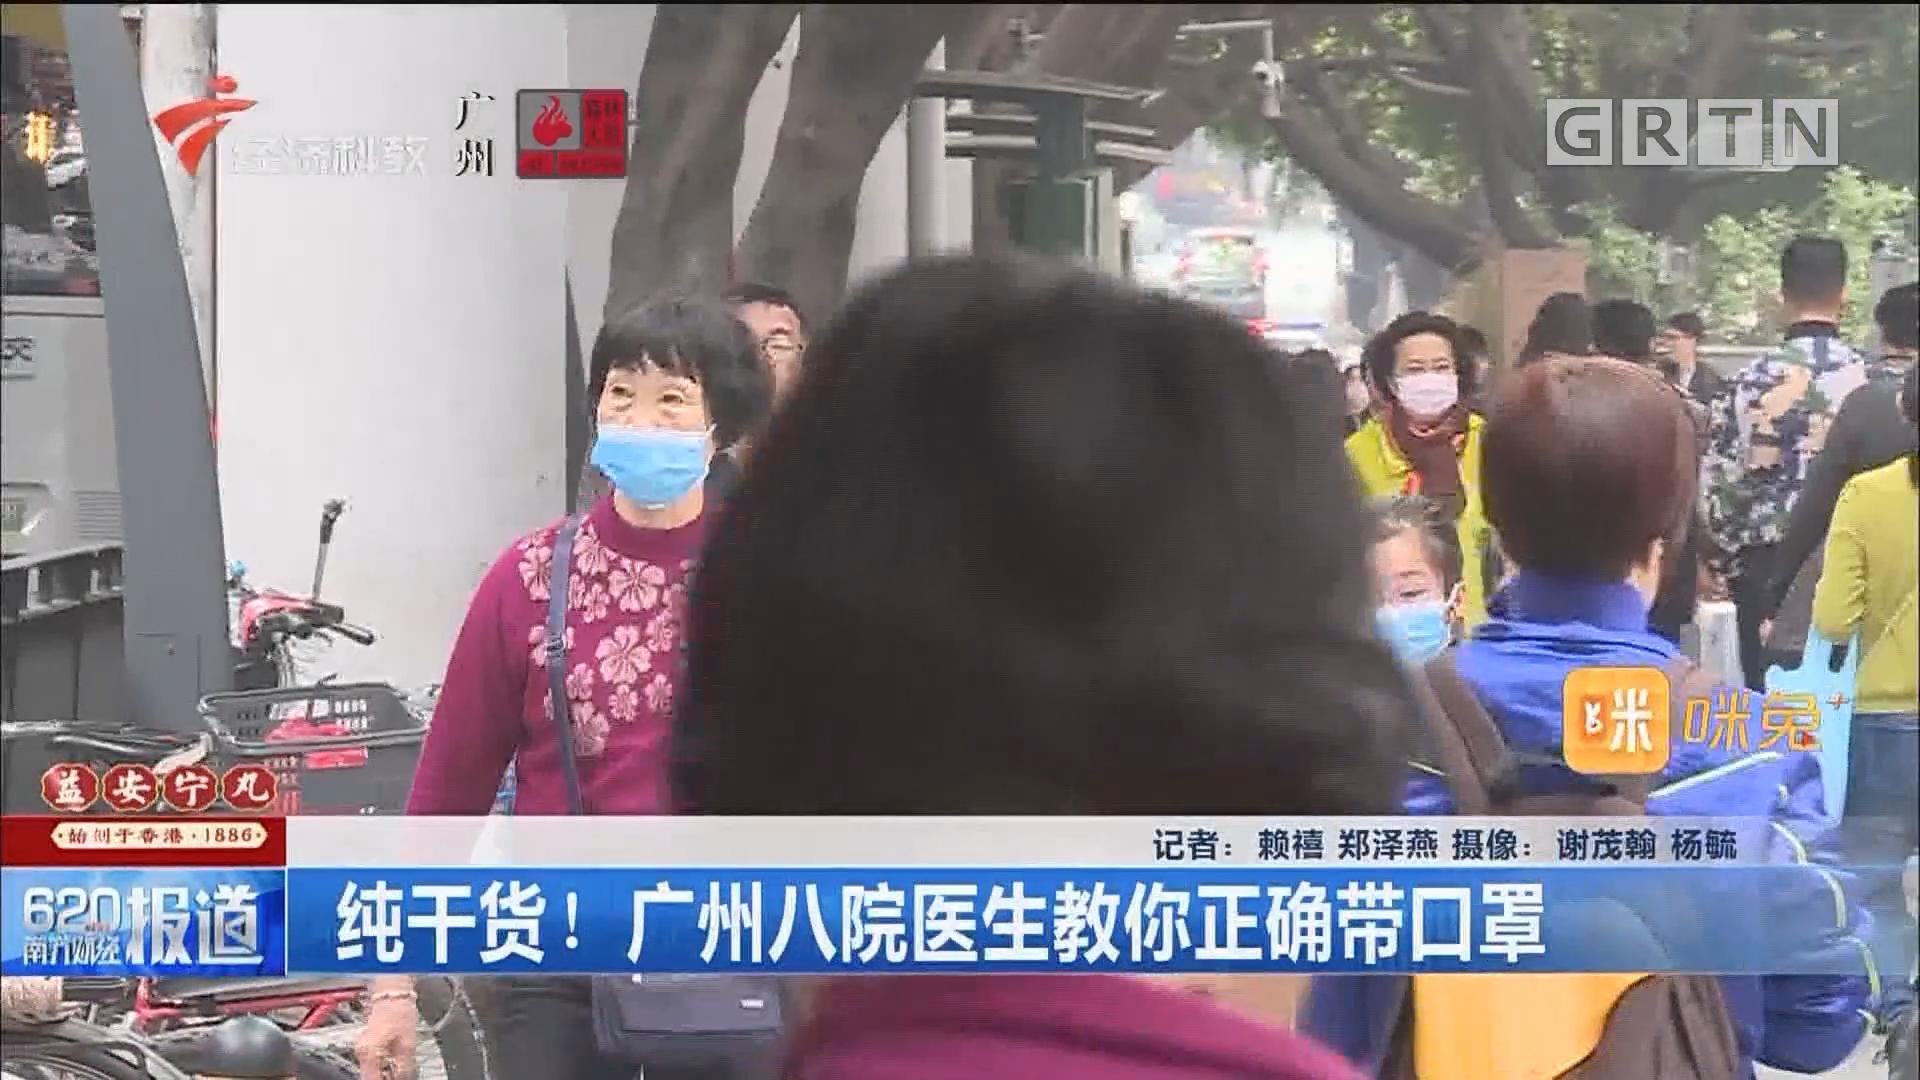 纯干货! 广州八院医生教你正确带口罩